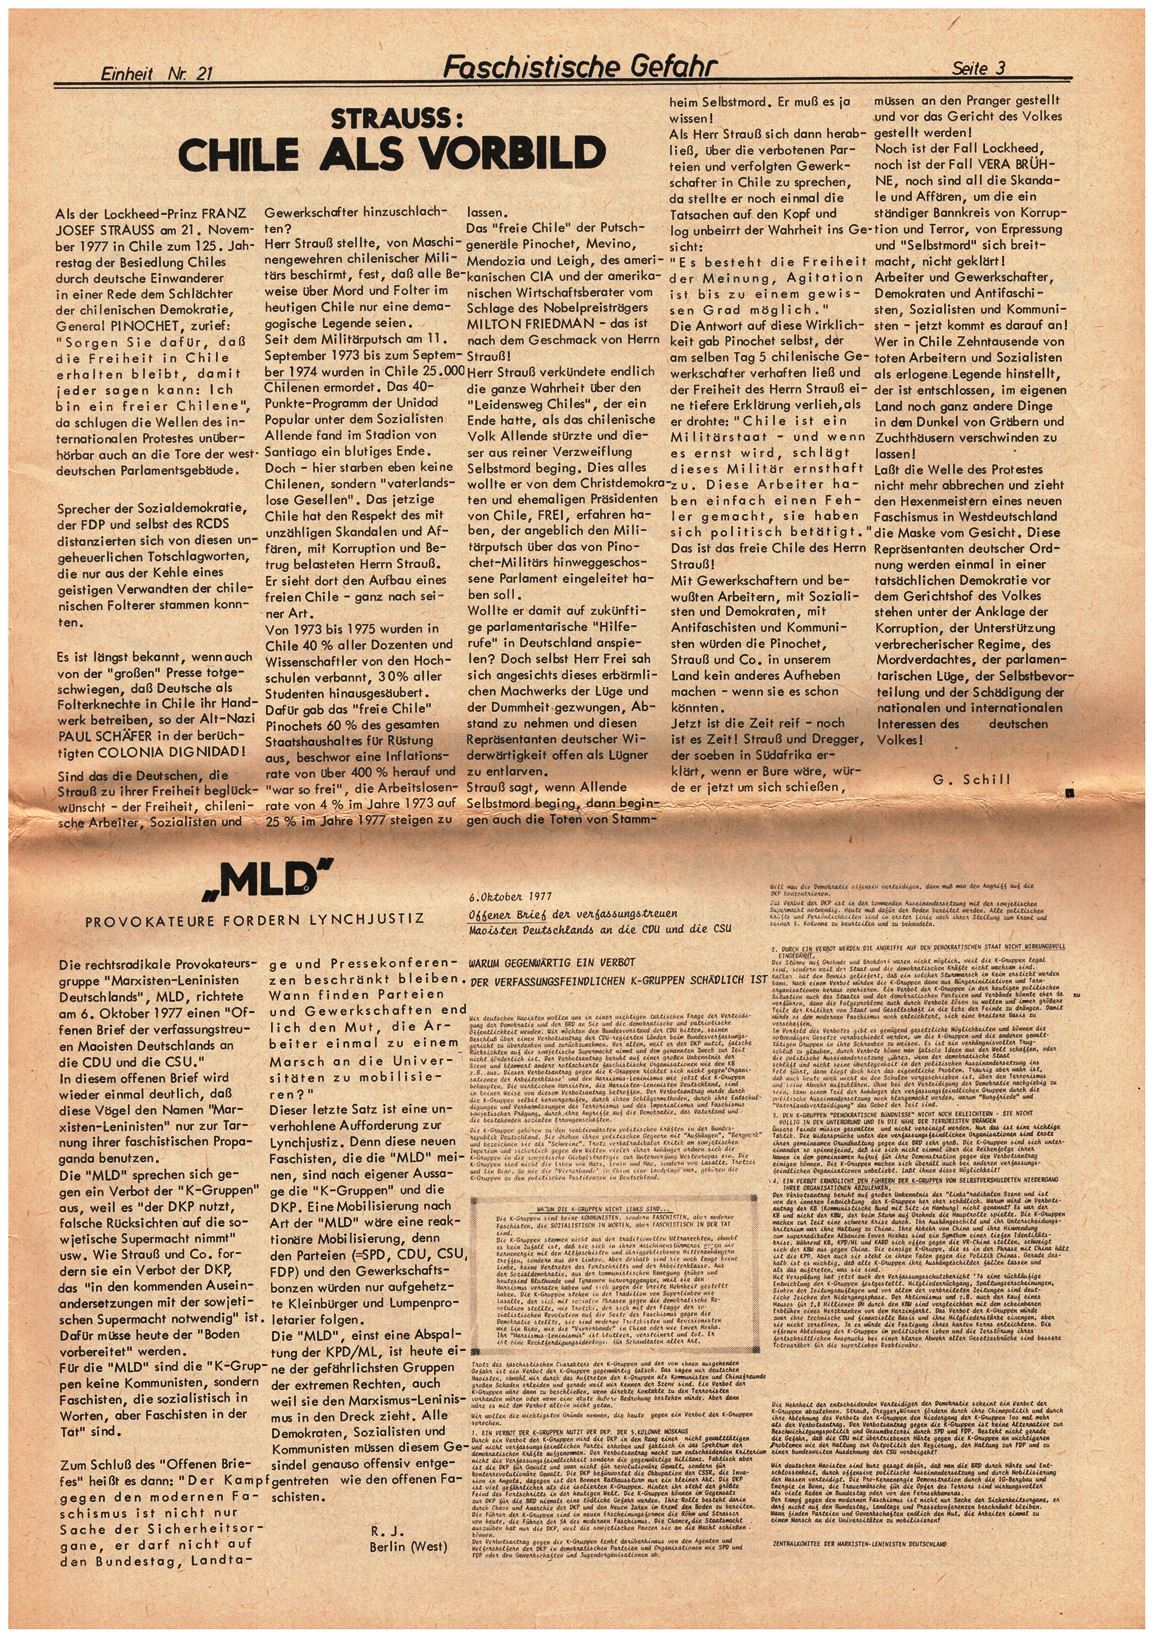 Koeln_IPdA_Einheit_1977_021_003